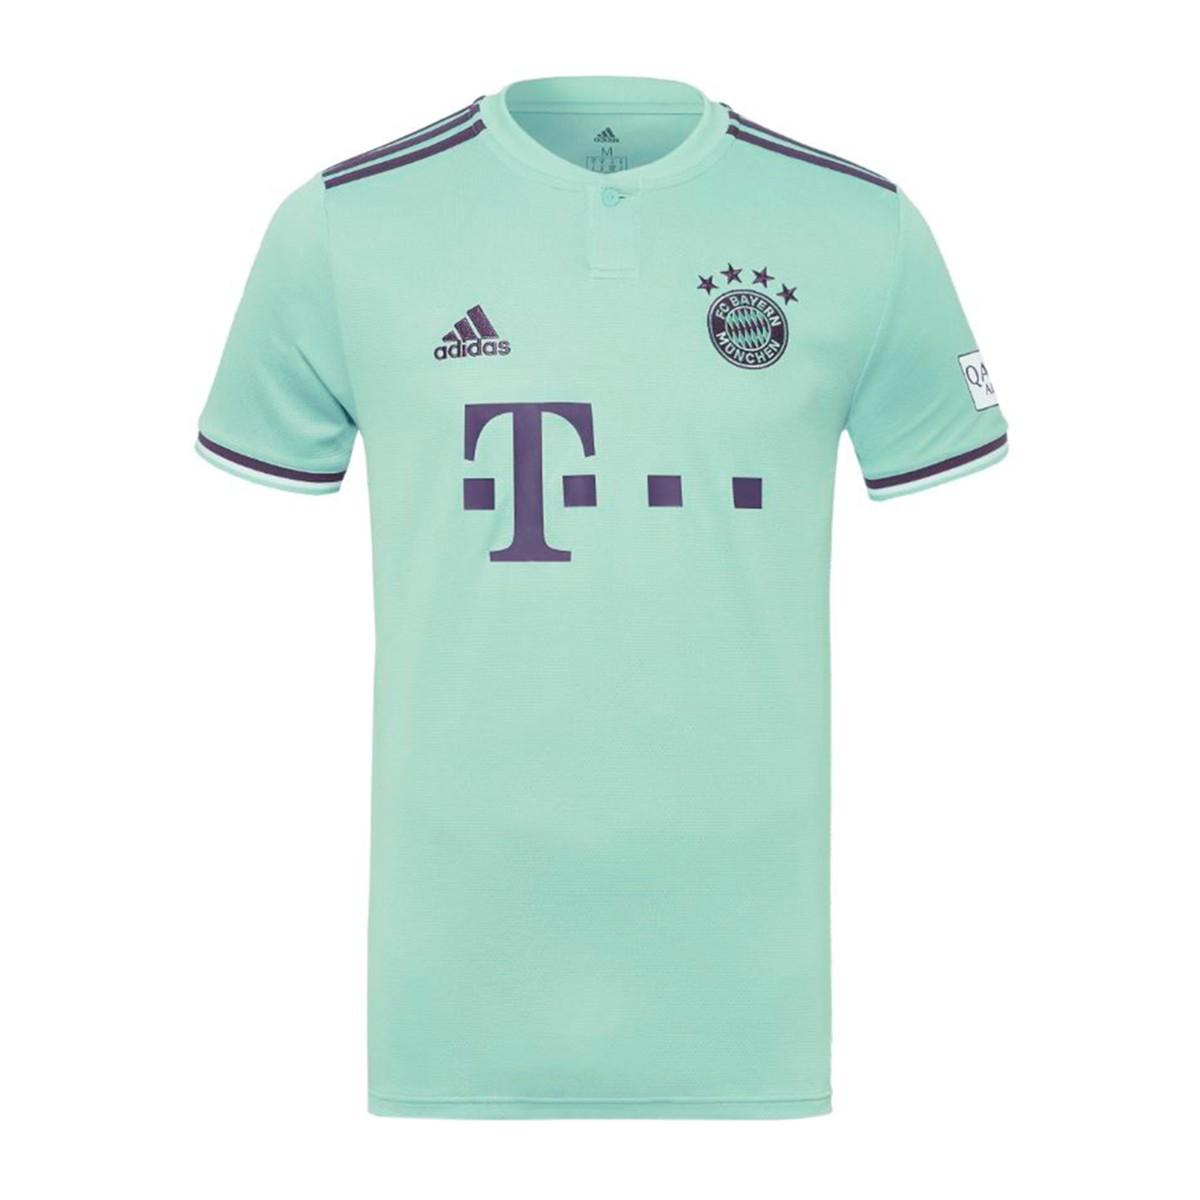 6050ef221 Camiseta adidas FC Bayern Munich Segunda Equipación 2018-2019 Niño  Green-Trace purple-White - Tienda de fútbol Fútbol Emotion